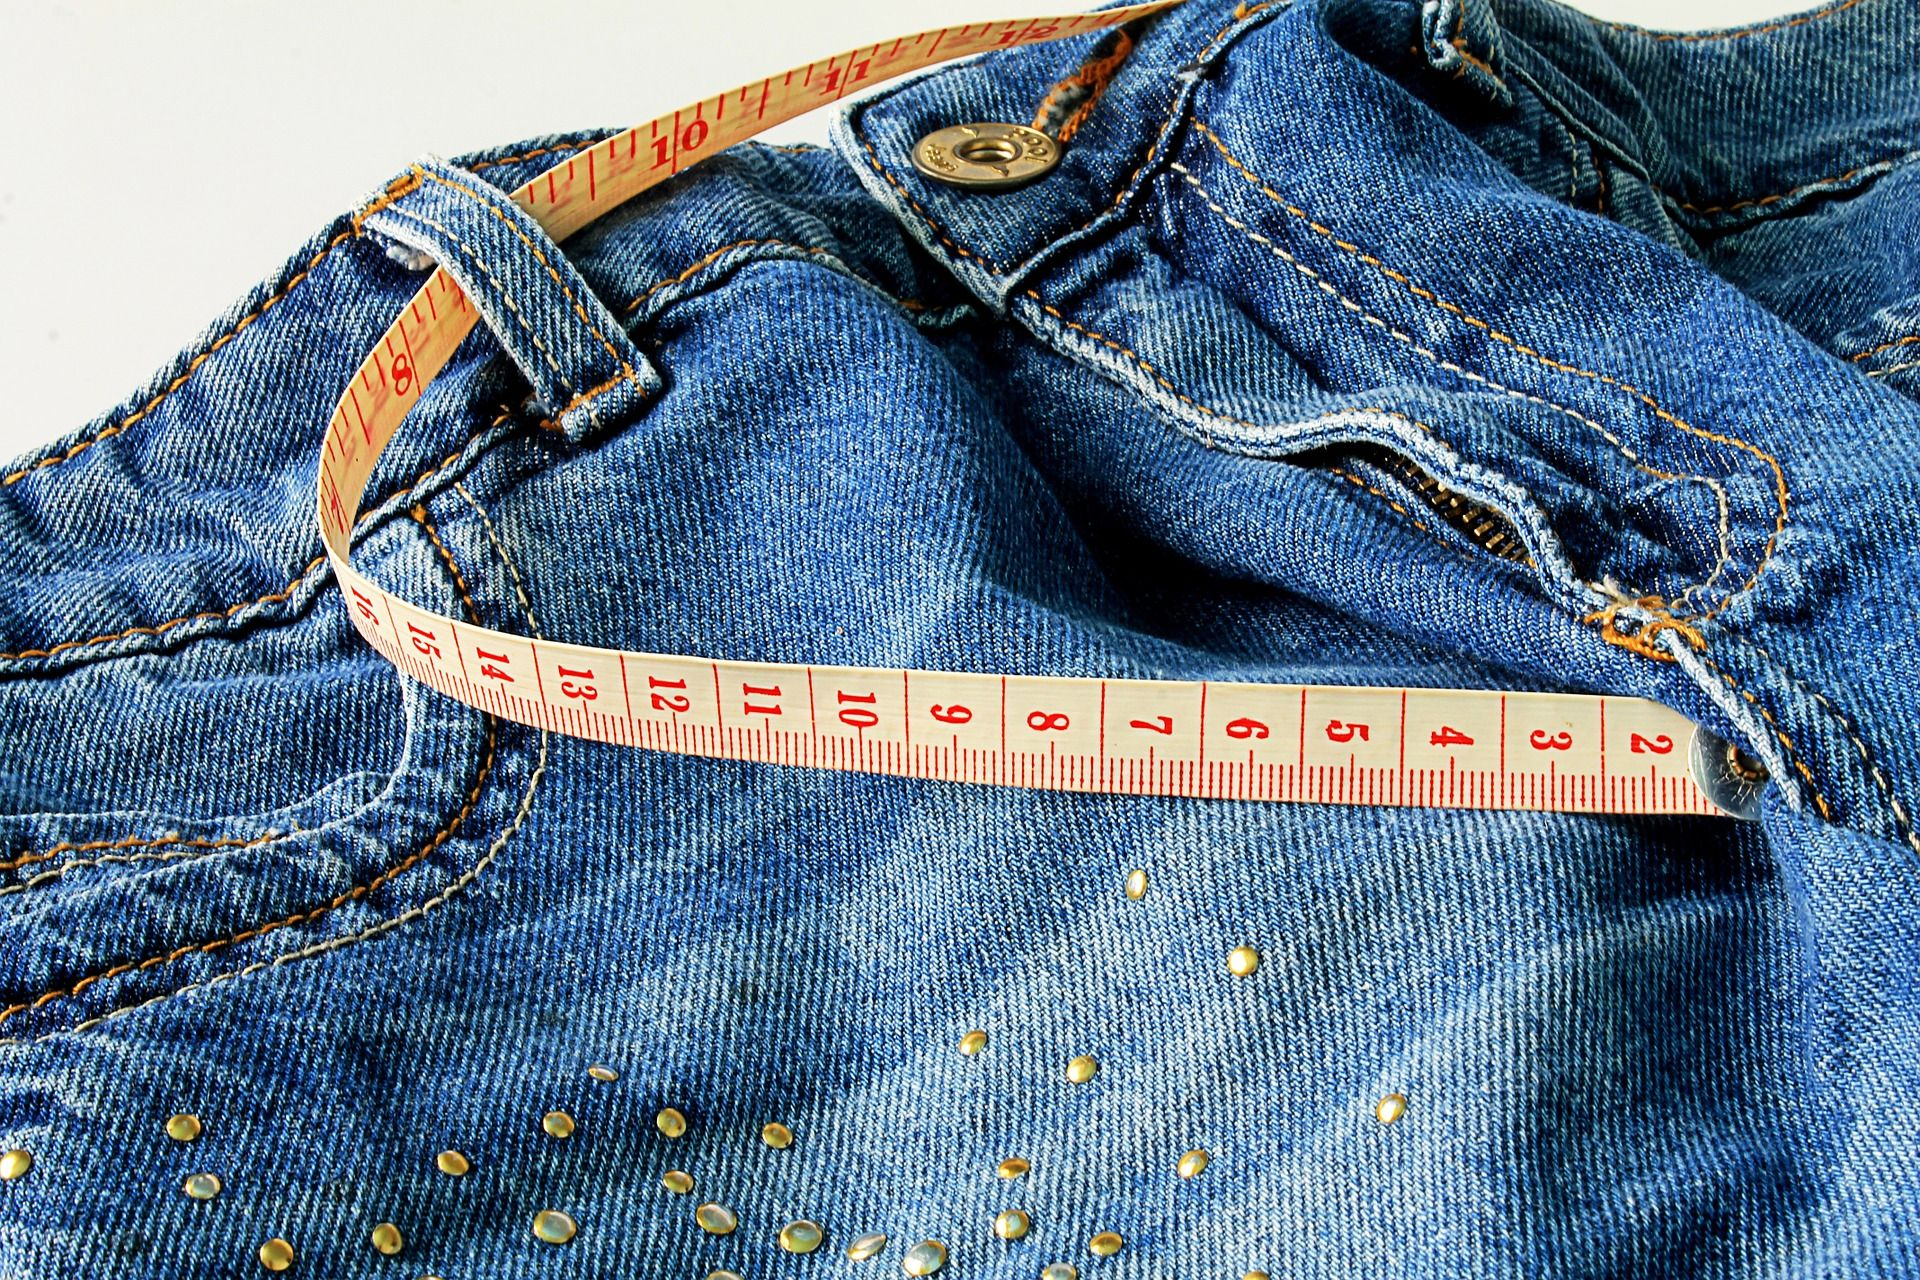 dieta oloproteica cosa si mangia effetti collaterali